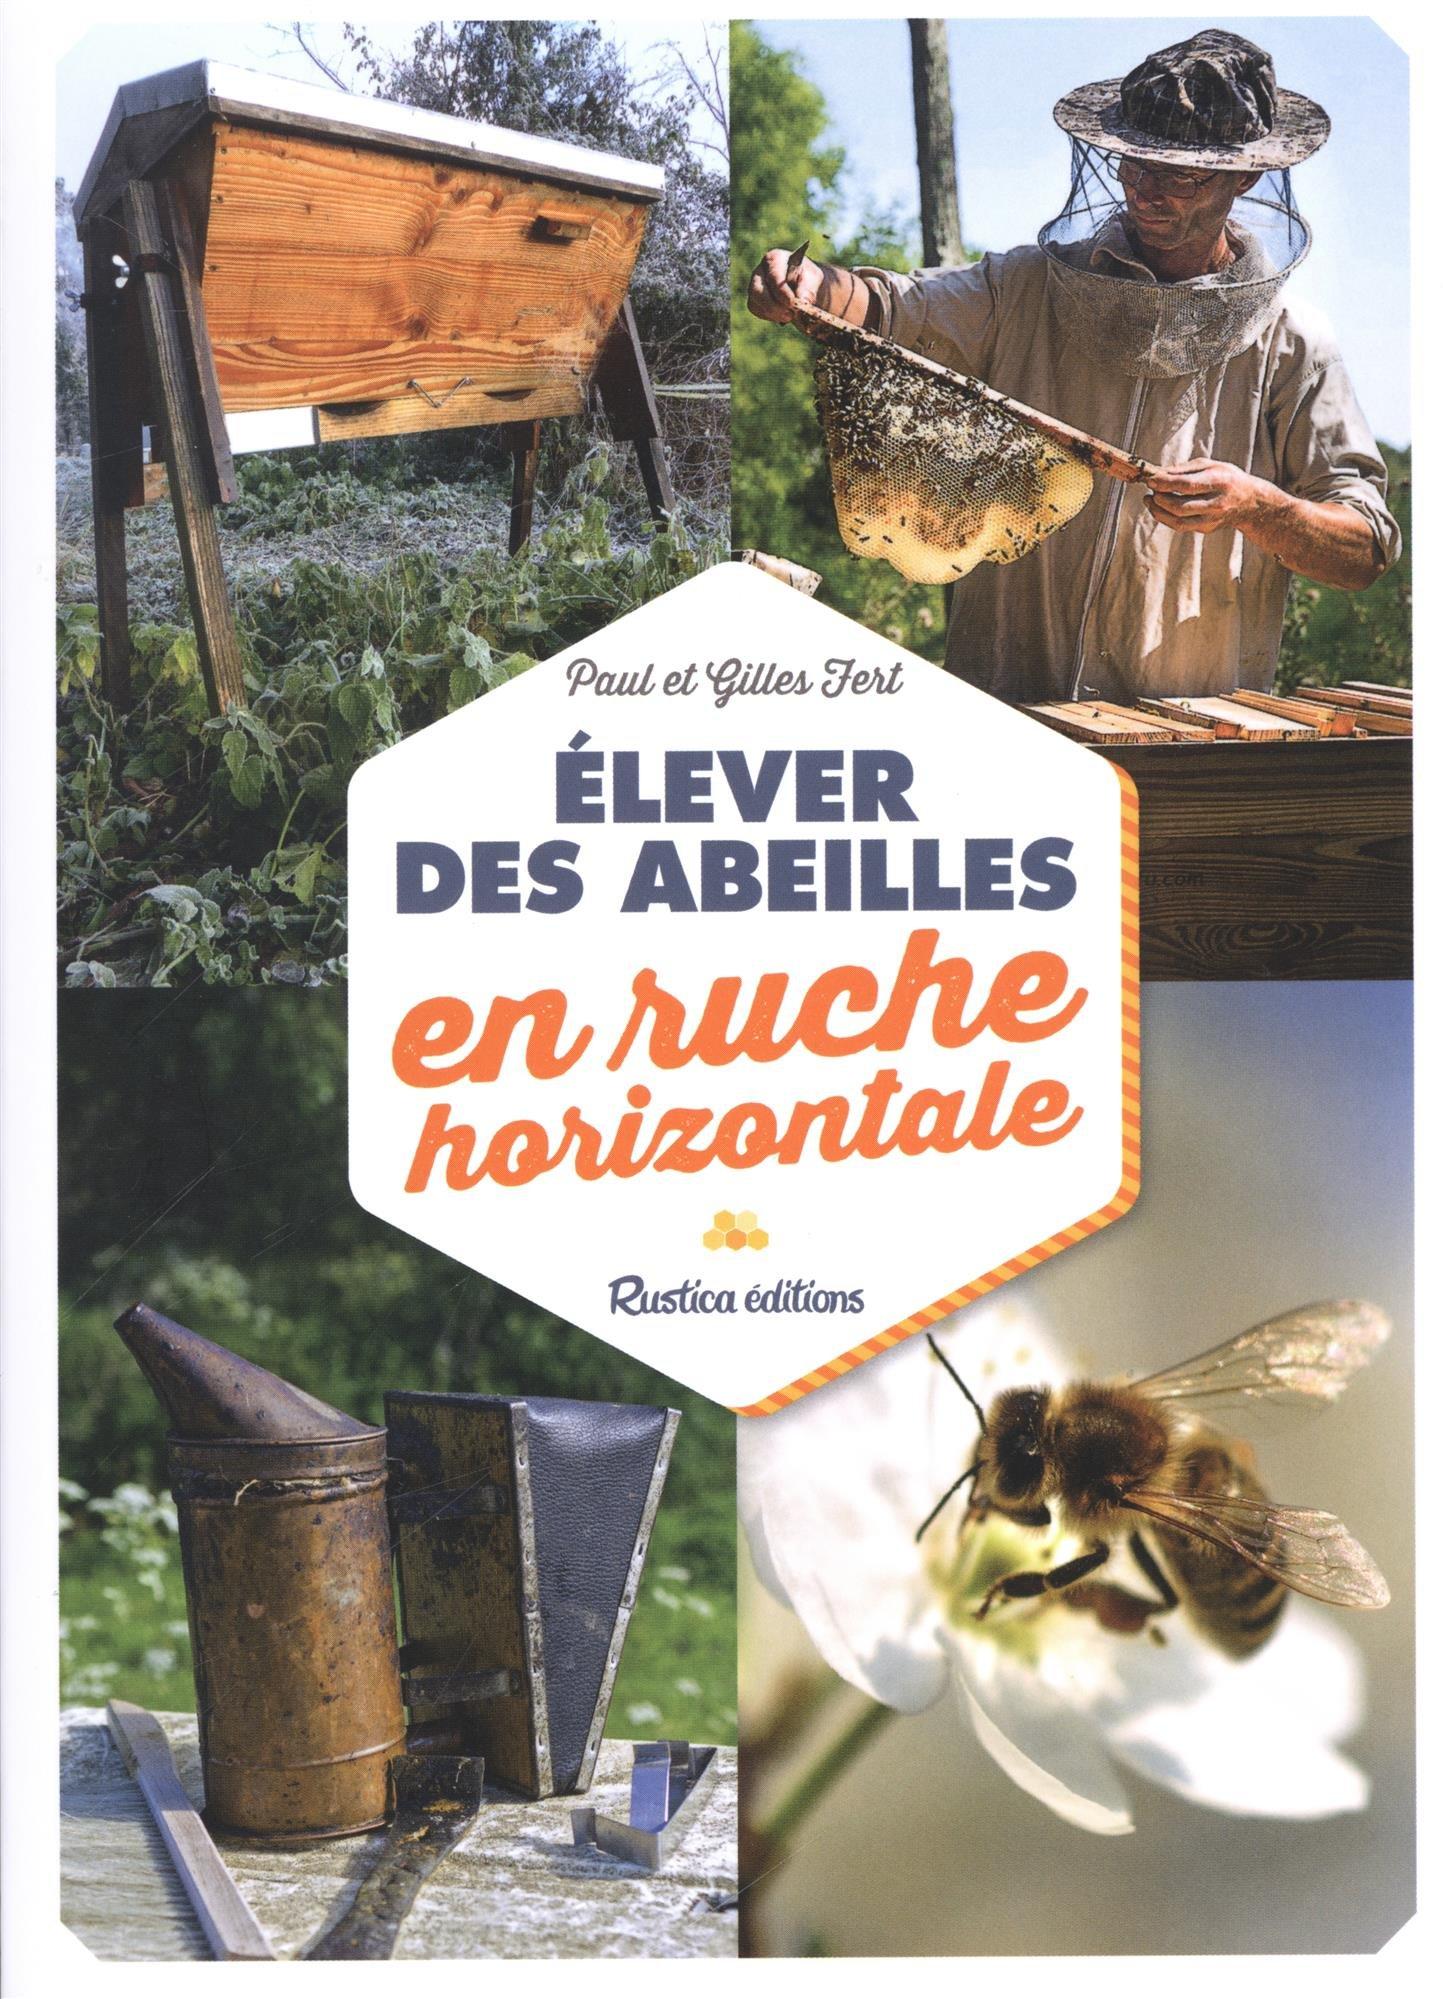 Elever des abeilles en ruche horizontale Relié – 16 mars 2018 Paul Fert Gilles Fert Rustica éditions 2815310287